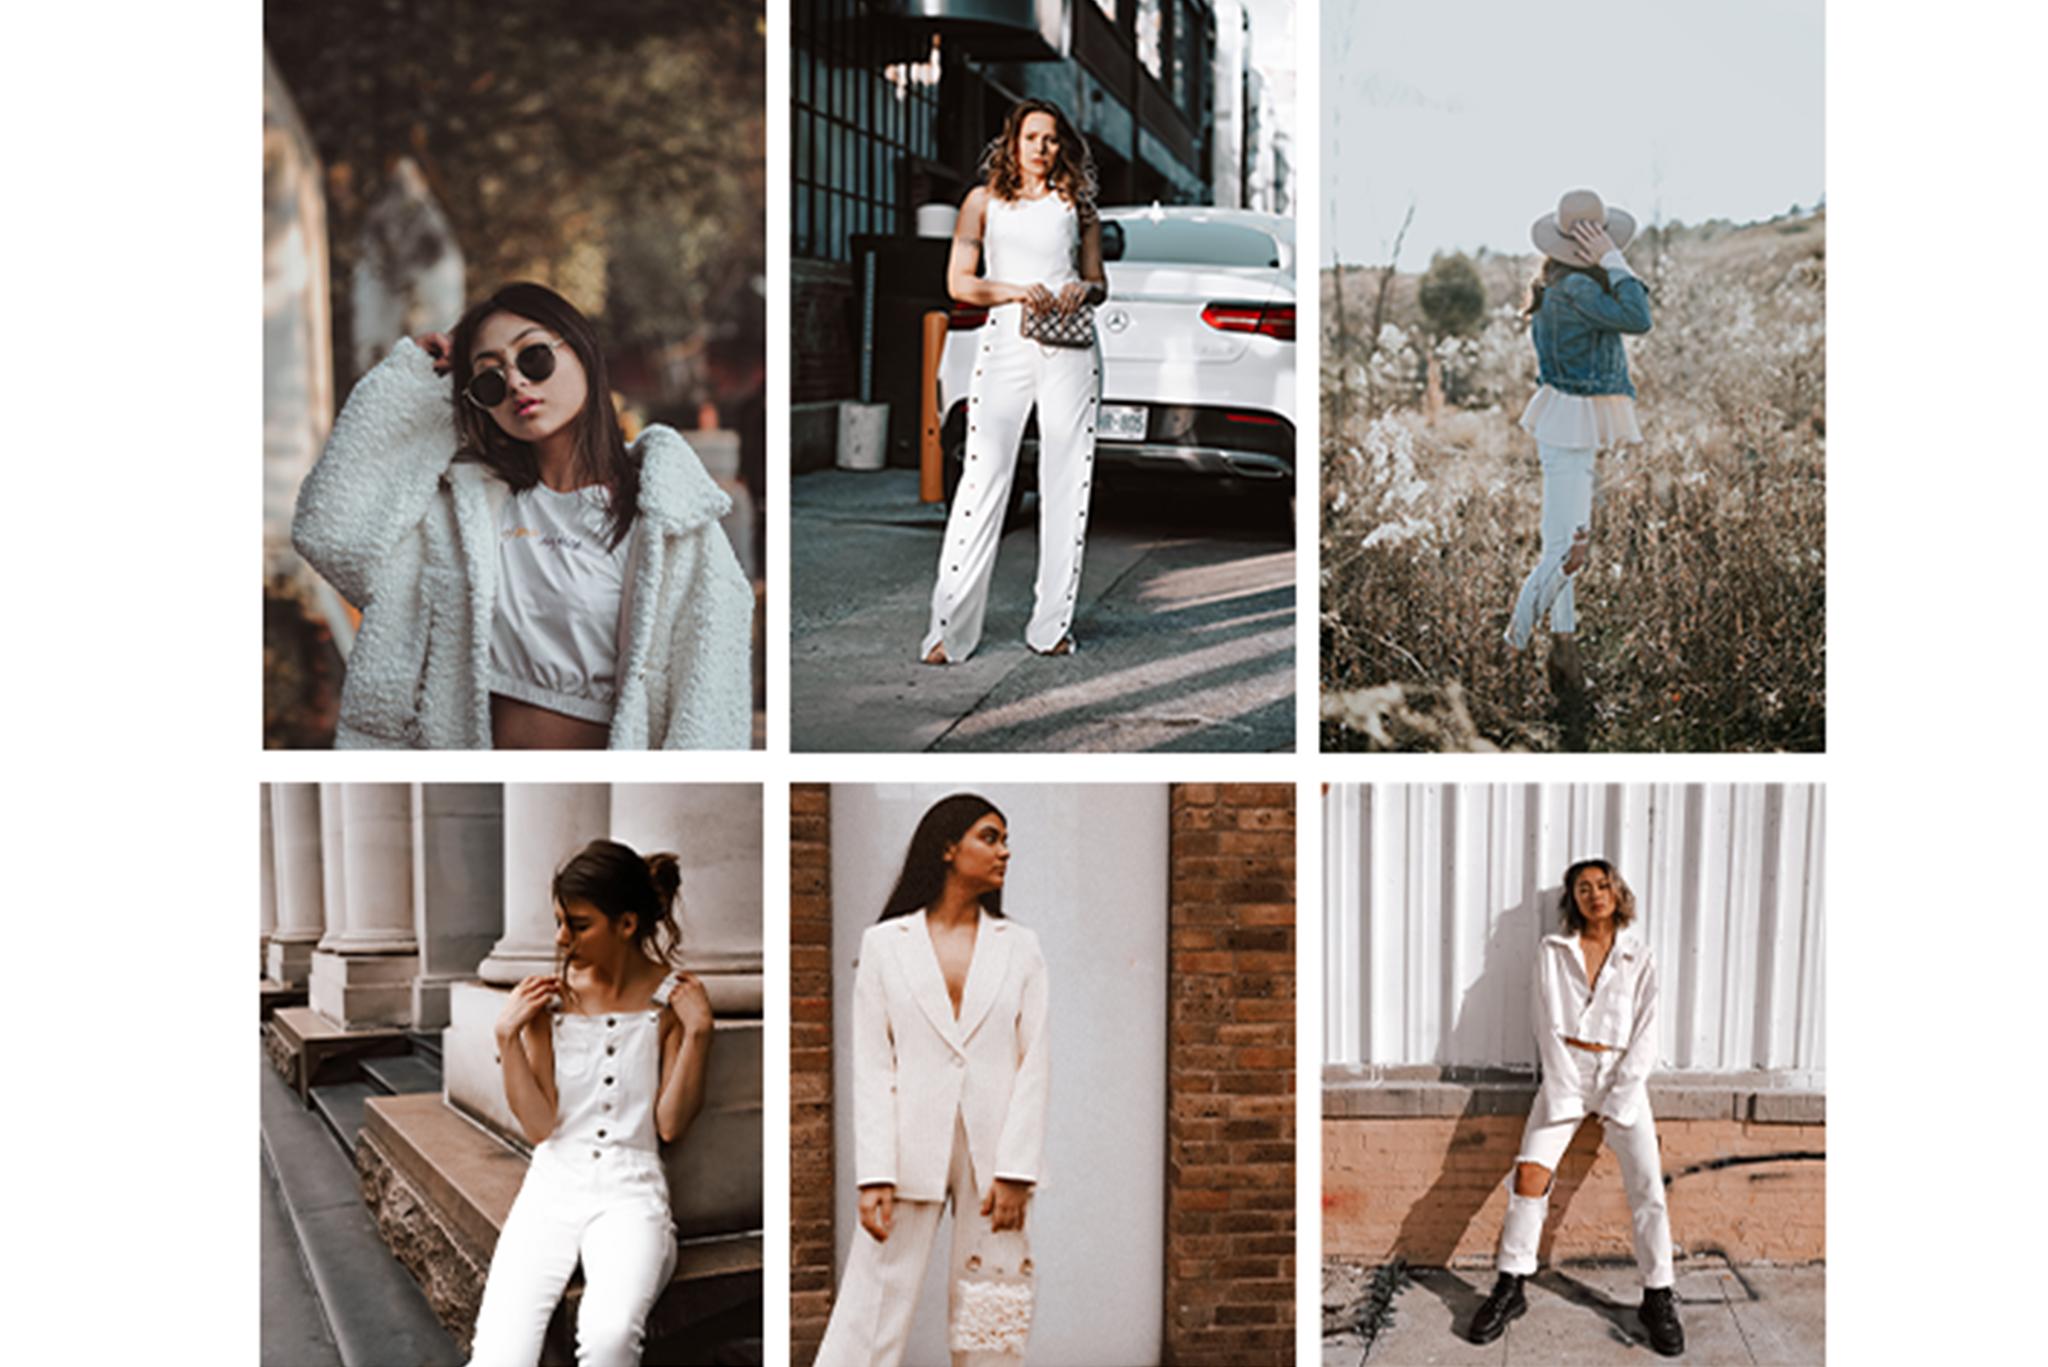 White Looks: Die 10 schönsten Outfits in der Trendfarbe Weiß